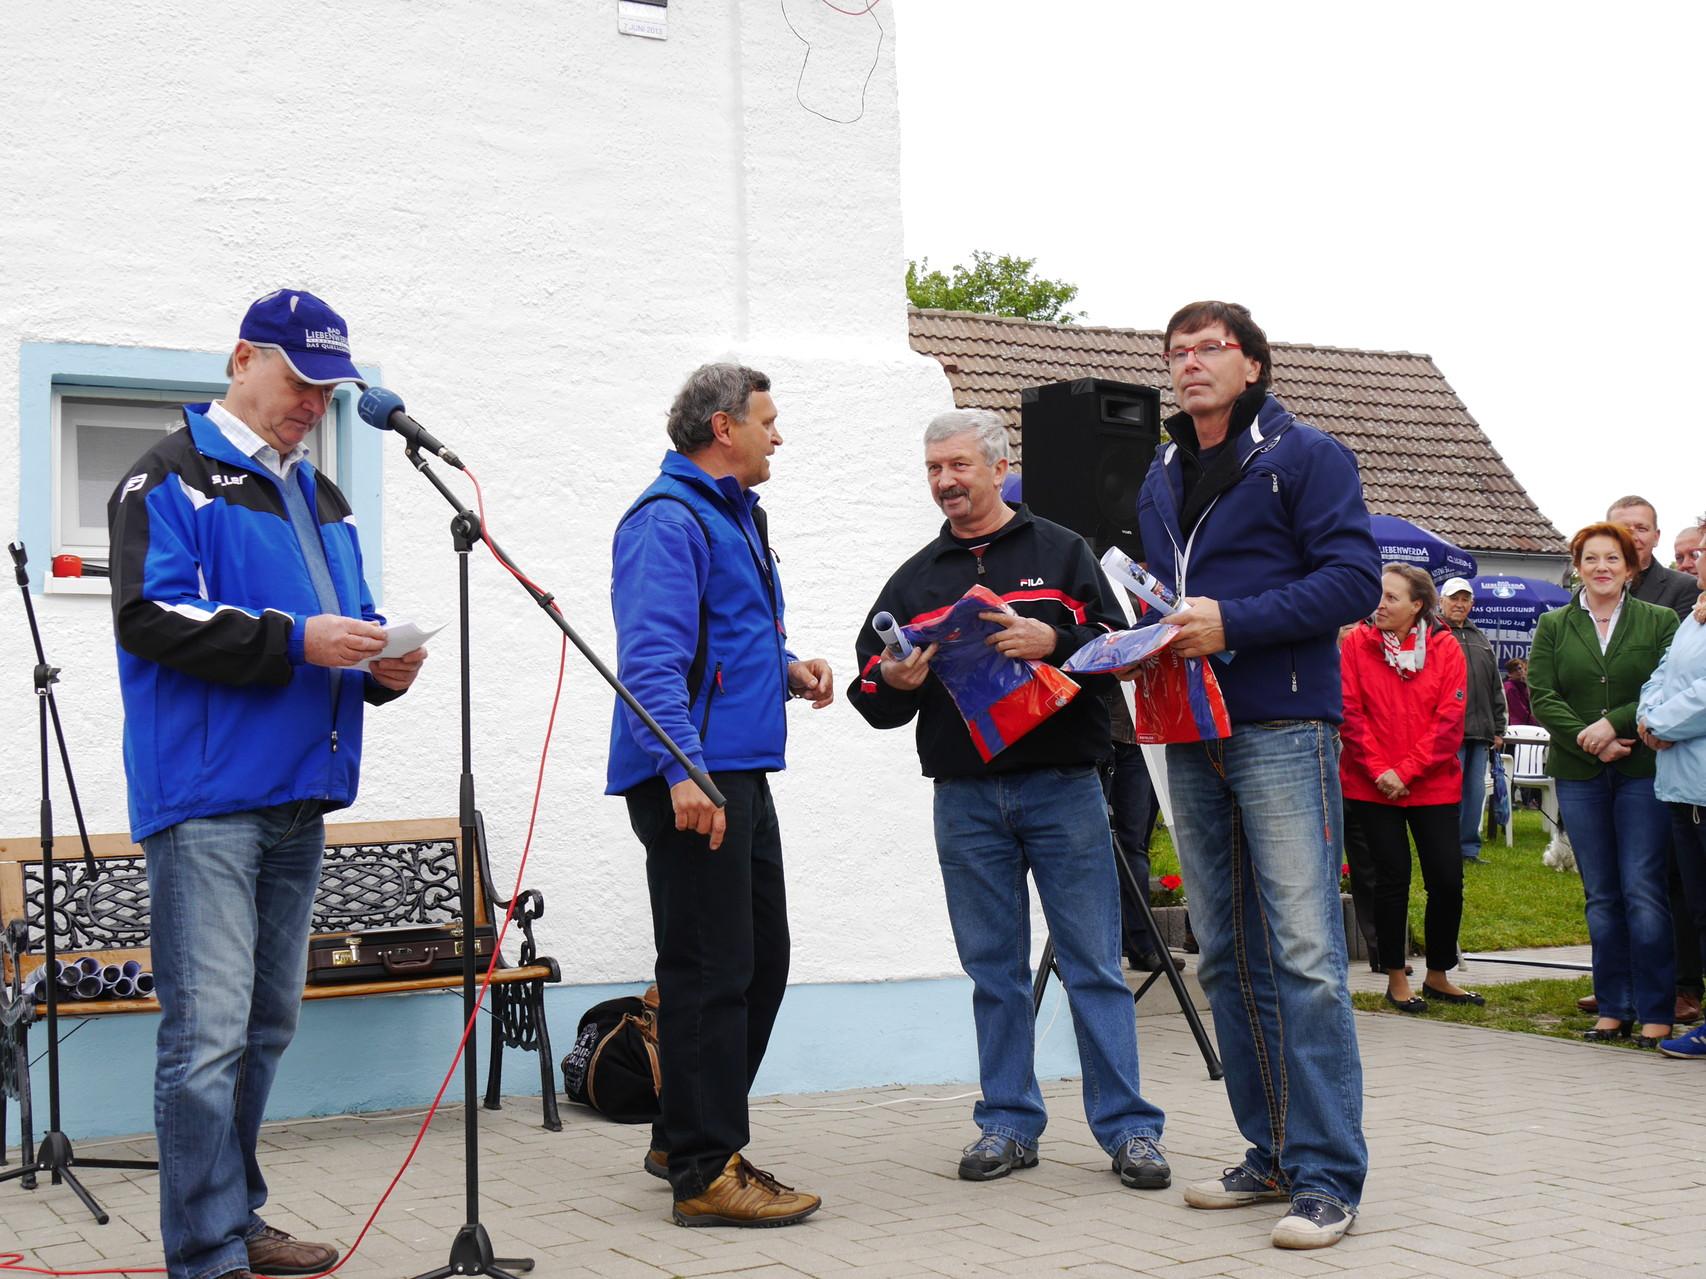 Herr Dieter Sommer und Herr Michael Dreißig erhalten ein Vereins-Shirt als Anerkennung ihrer bevorstehenden Fahrt mit dem Zweier.